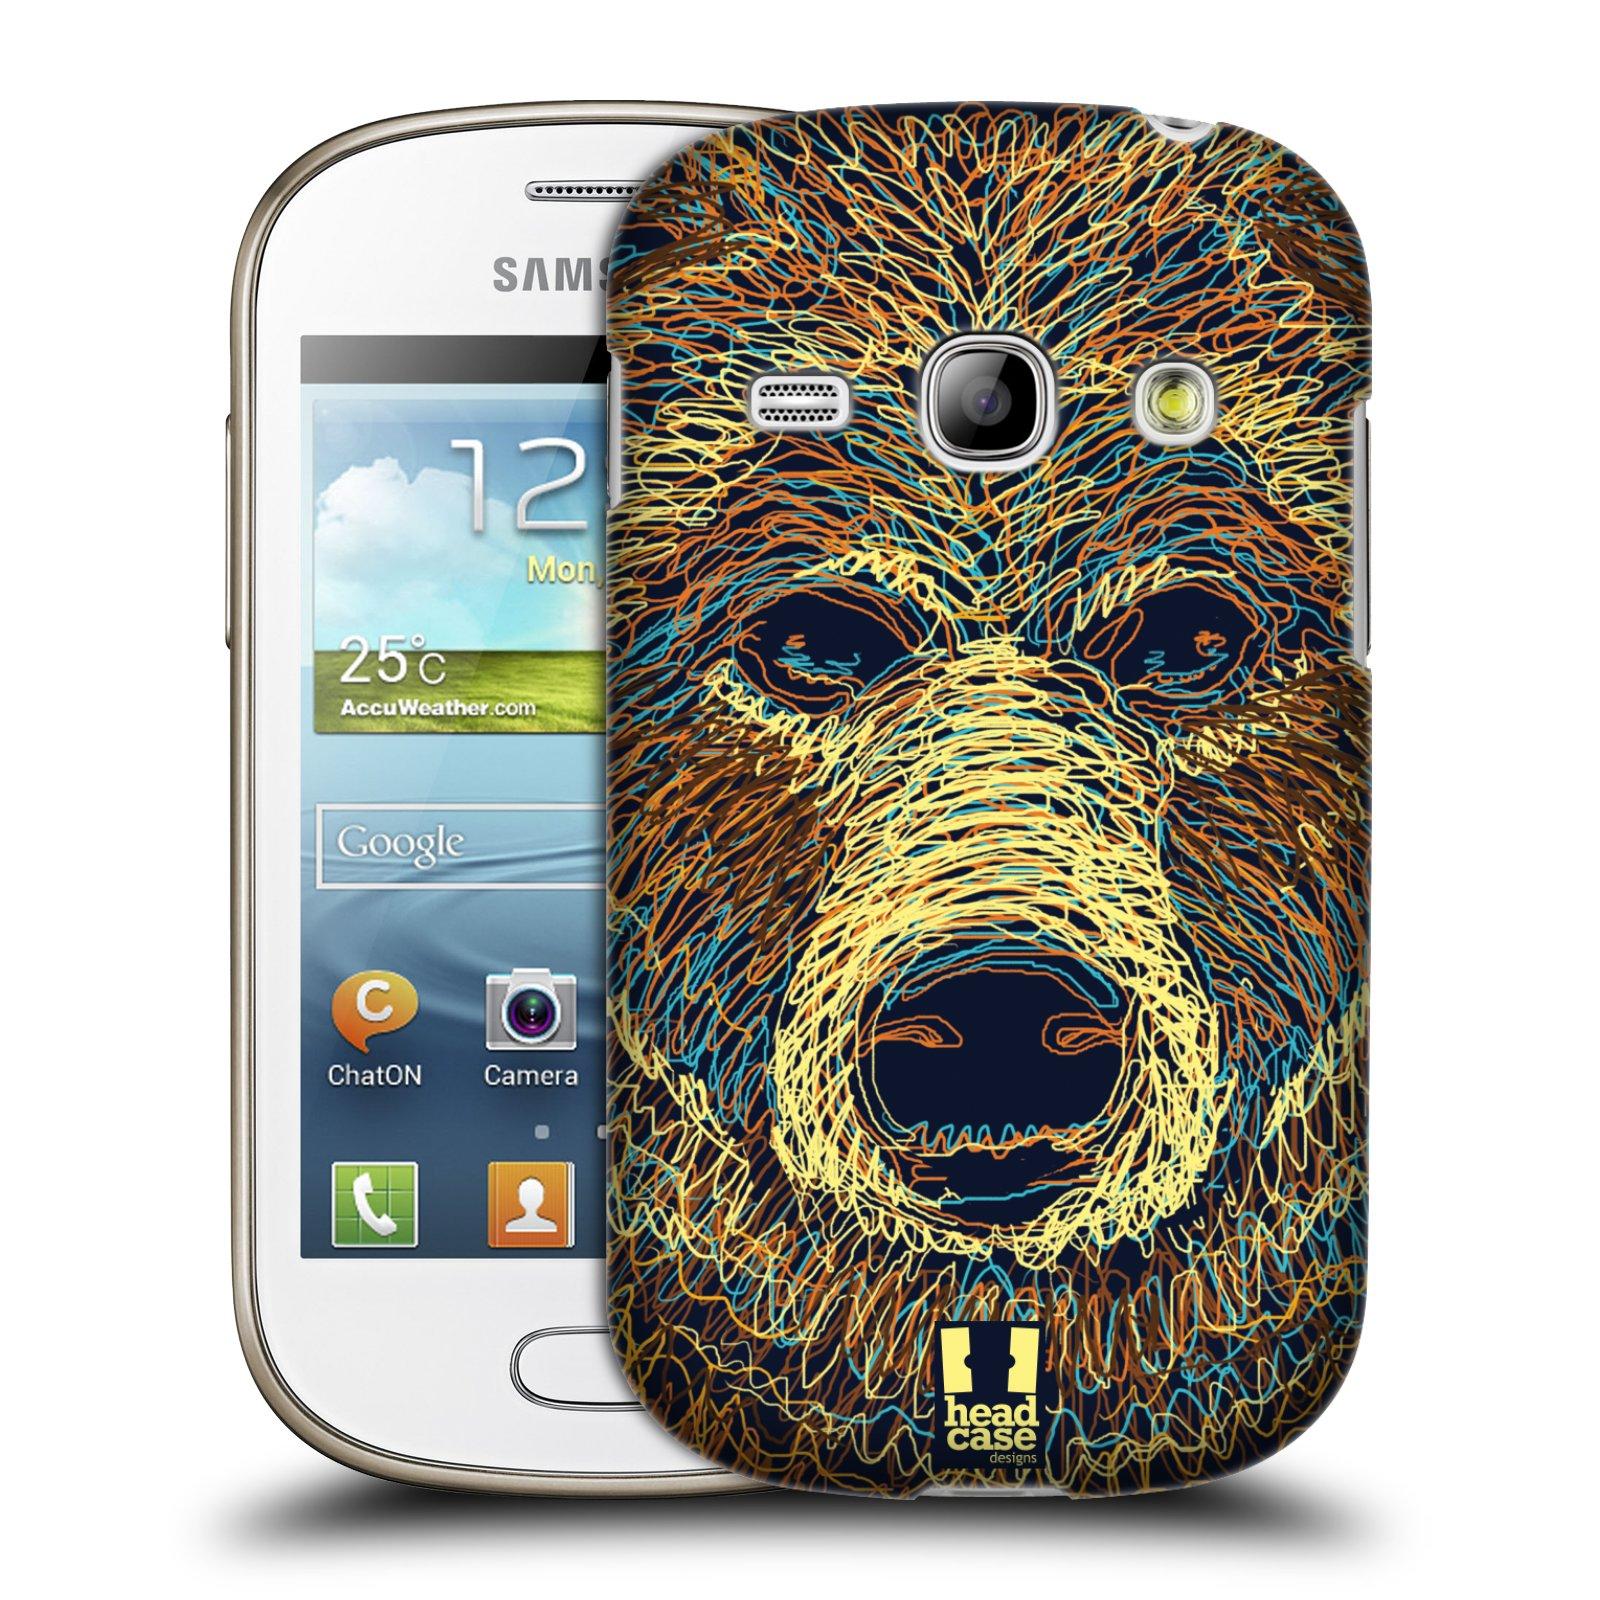 HEAD CASE plastový obal na mobil SAMSUNG GALAXY FAME (S6810) vzor zvíře čmáranice medvěd